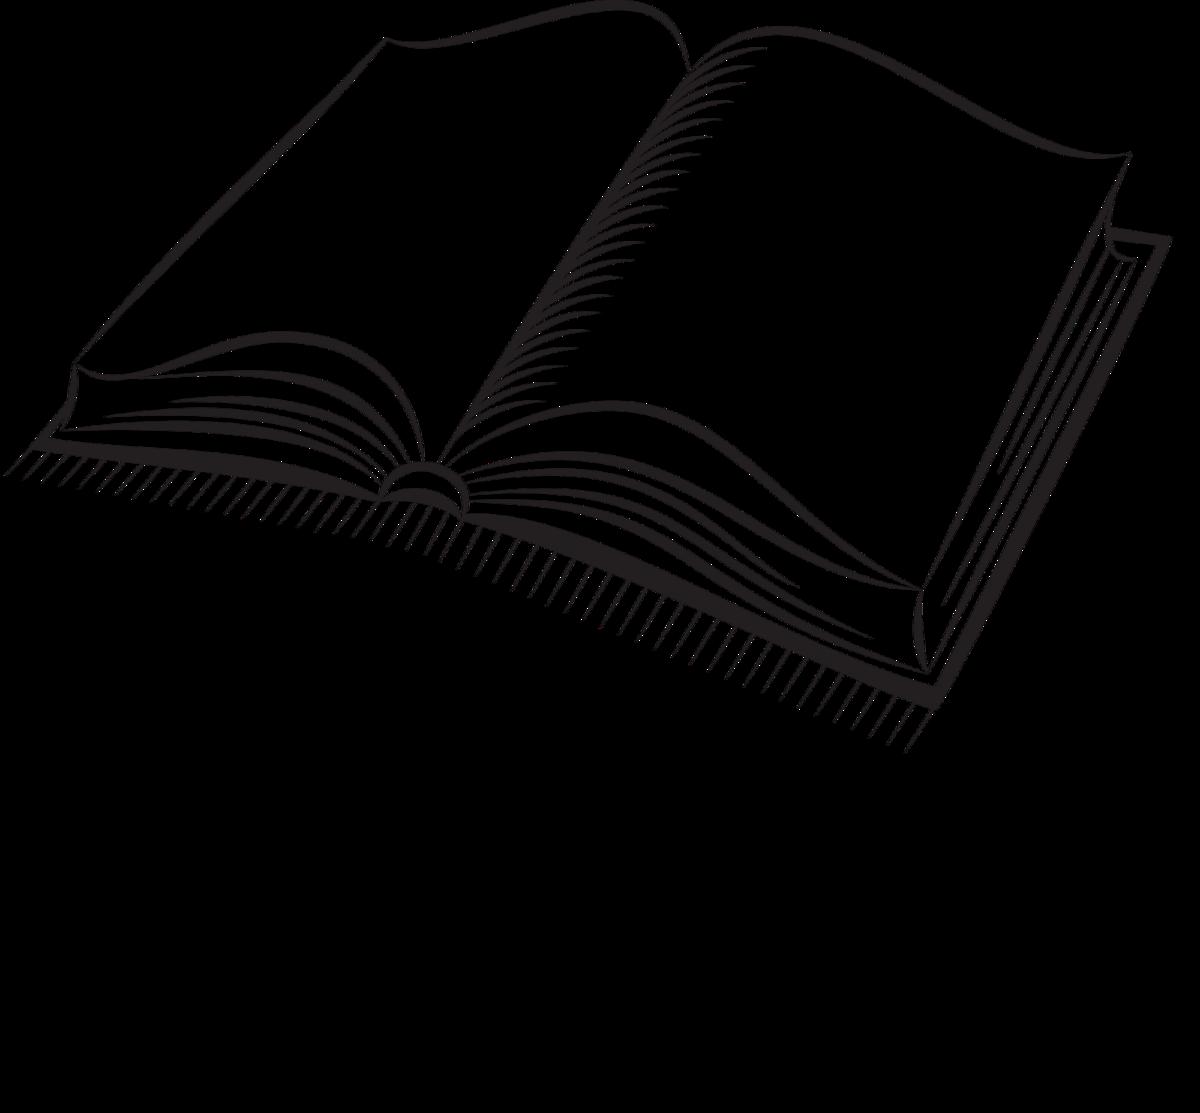 Картинки литературы карандашом